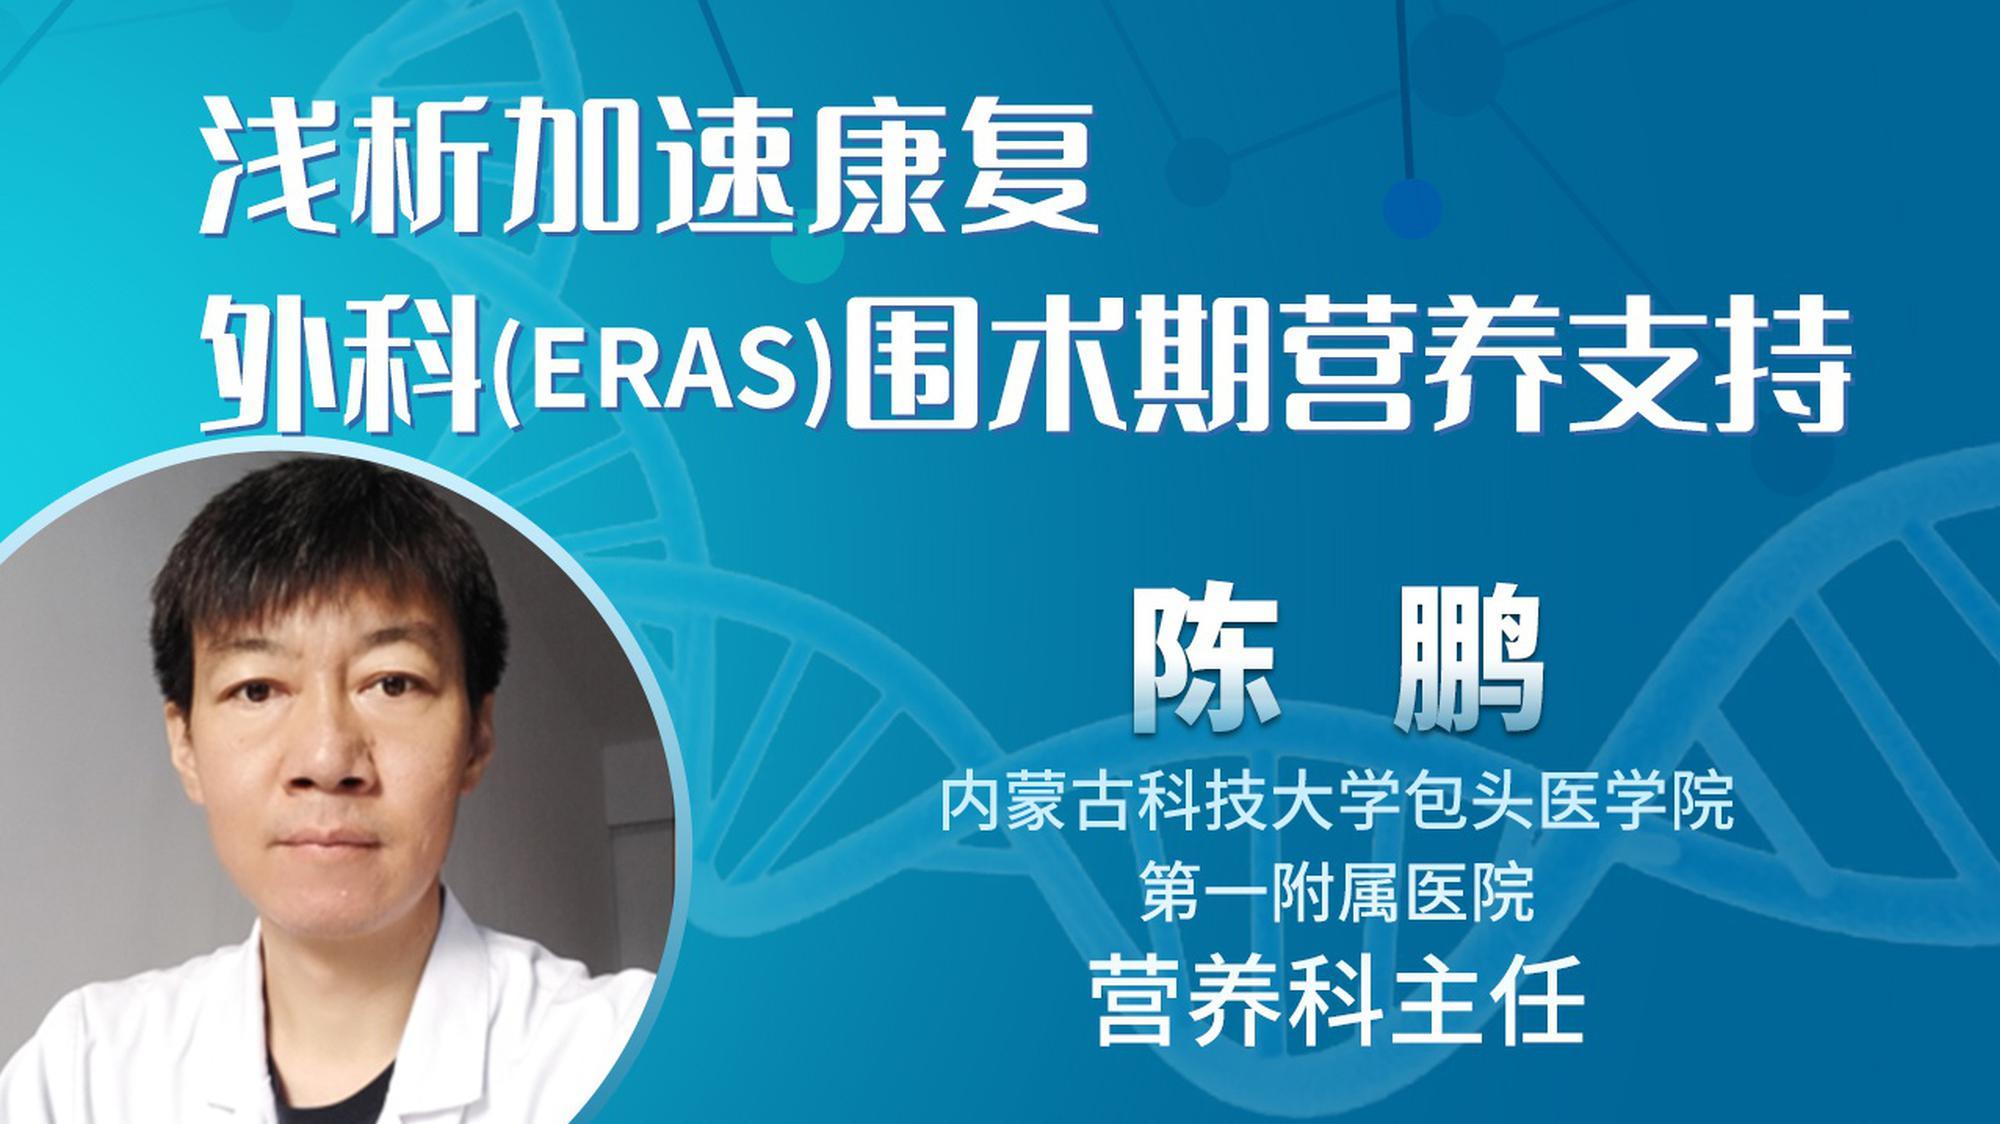 浅析加速康复外科(ERAS)围术期营养支持